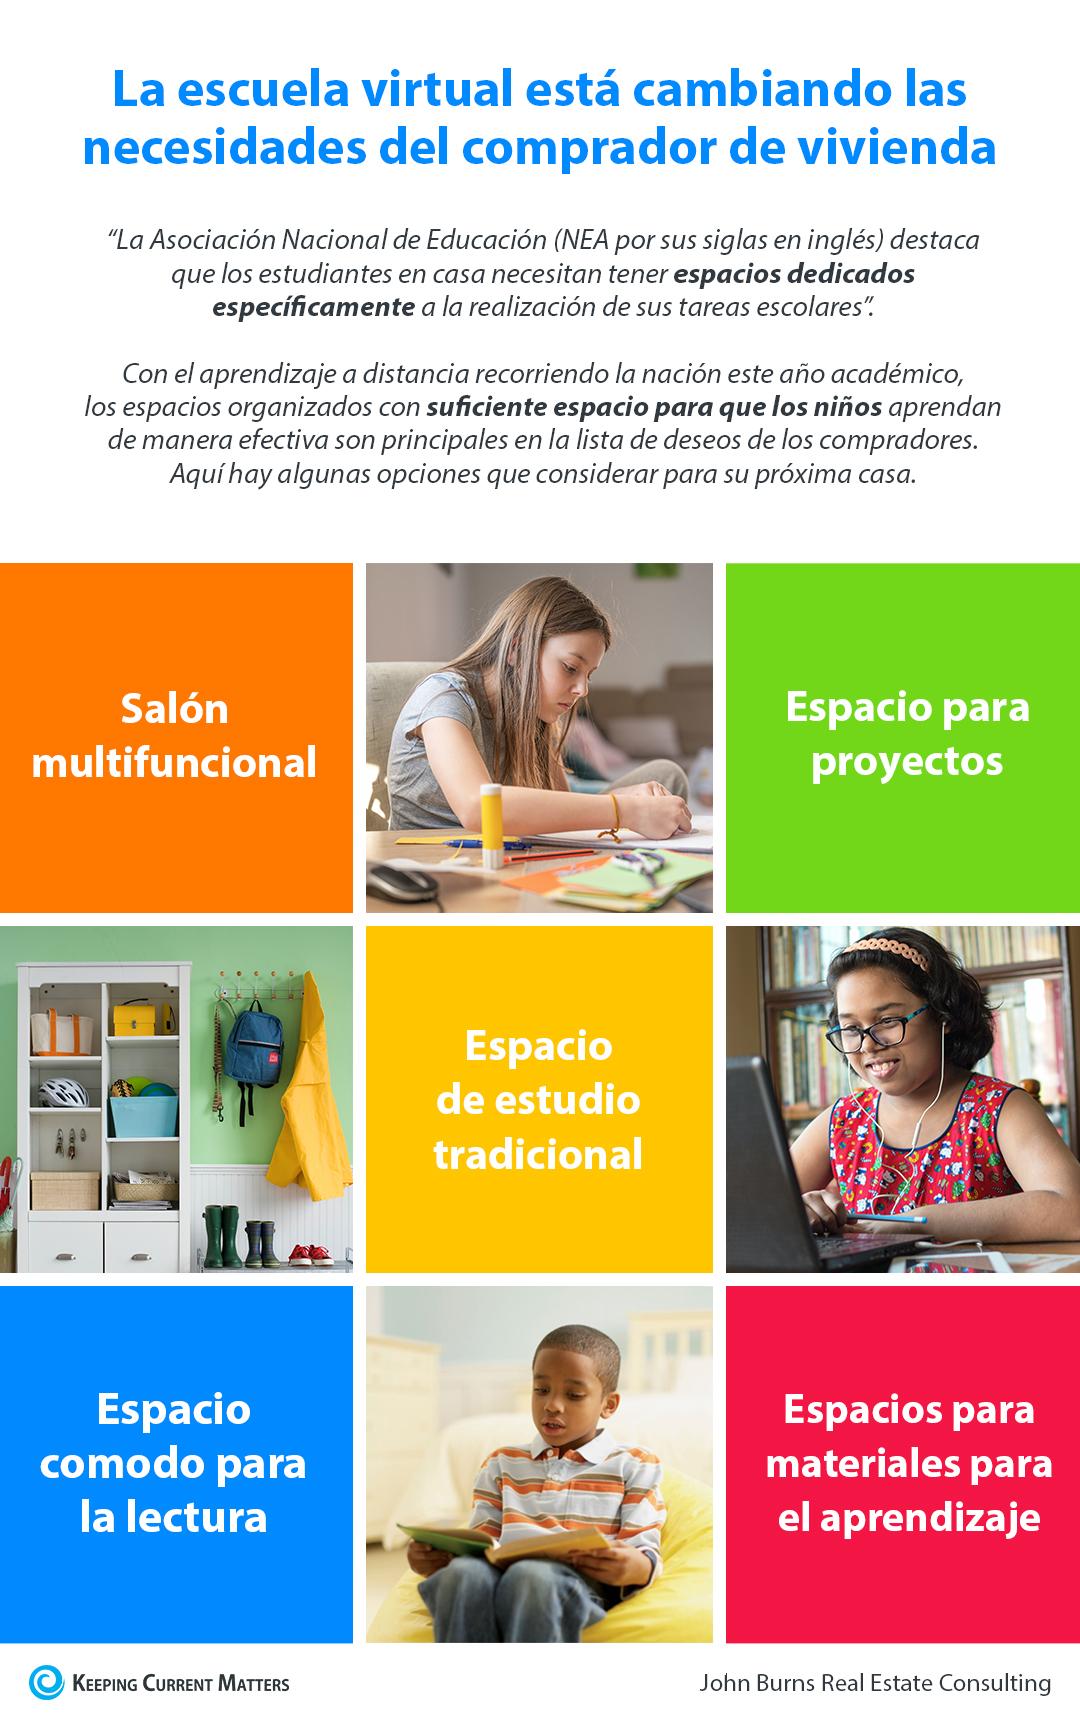 La escuela virtual está cambiando las necesidades del comprador de vivienda [Infografía] | Keeping Current Matters